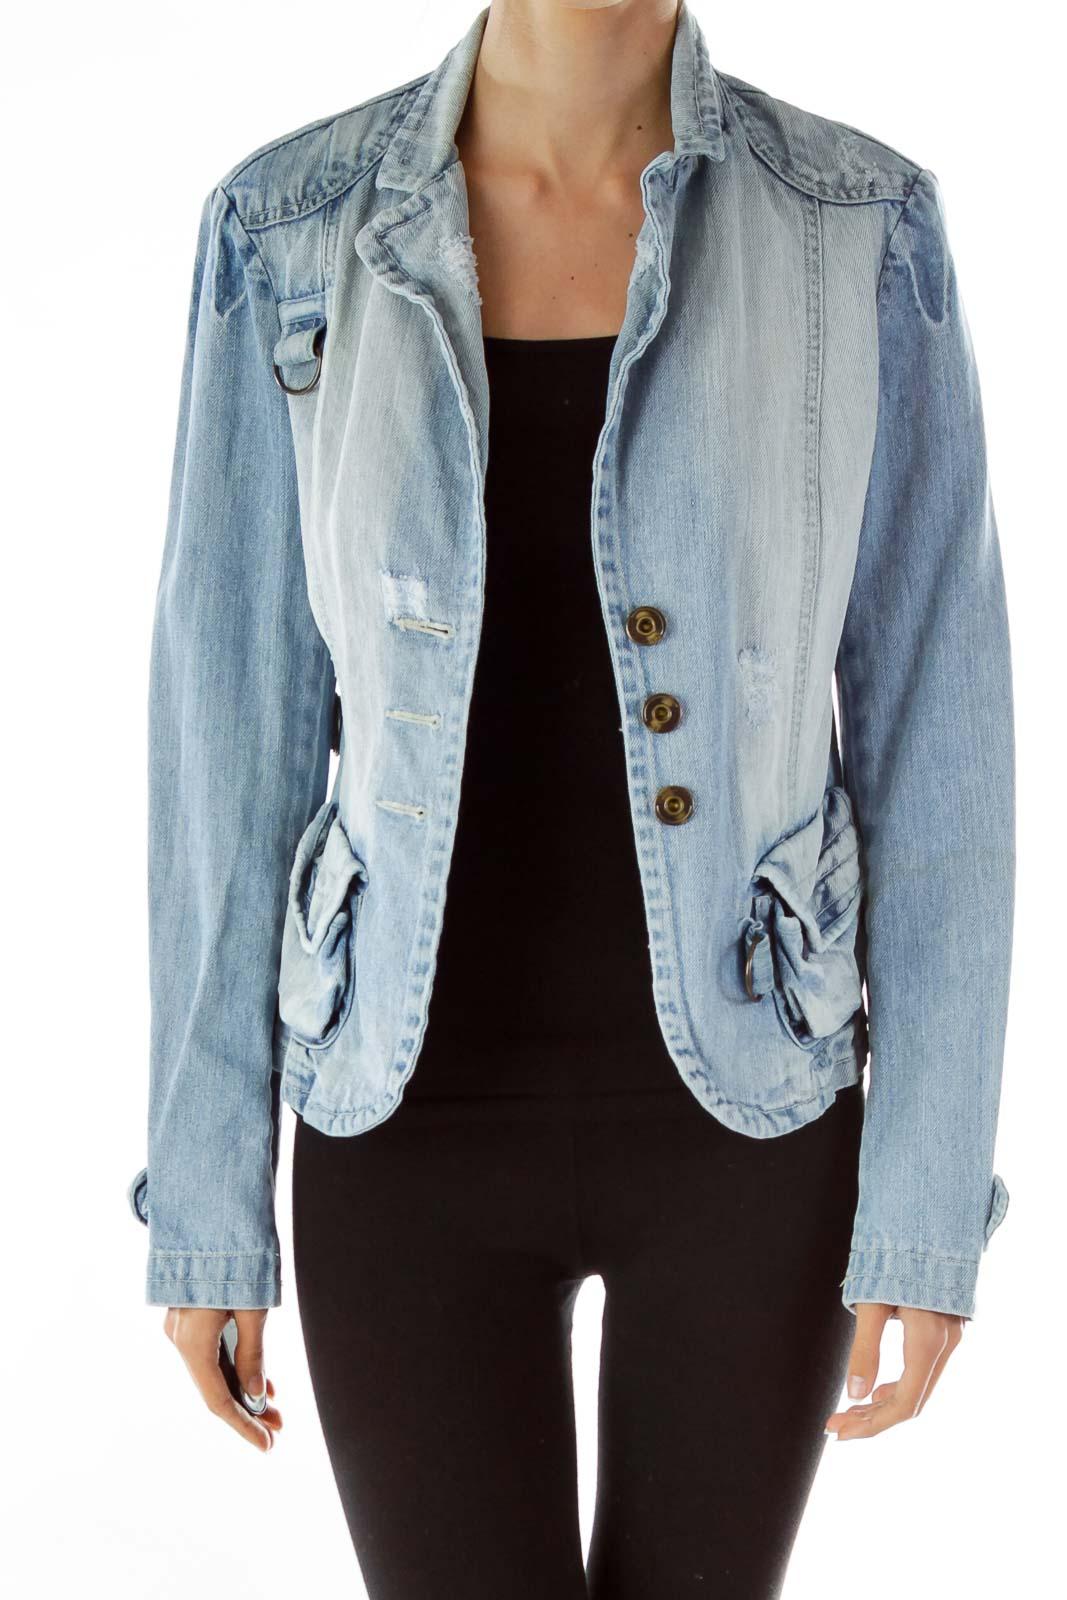 Designer Denim Fitted Jacket